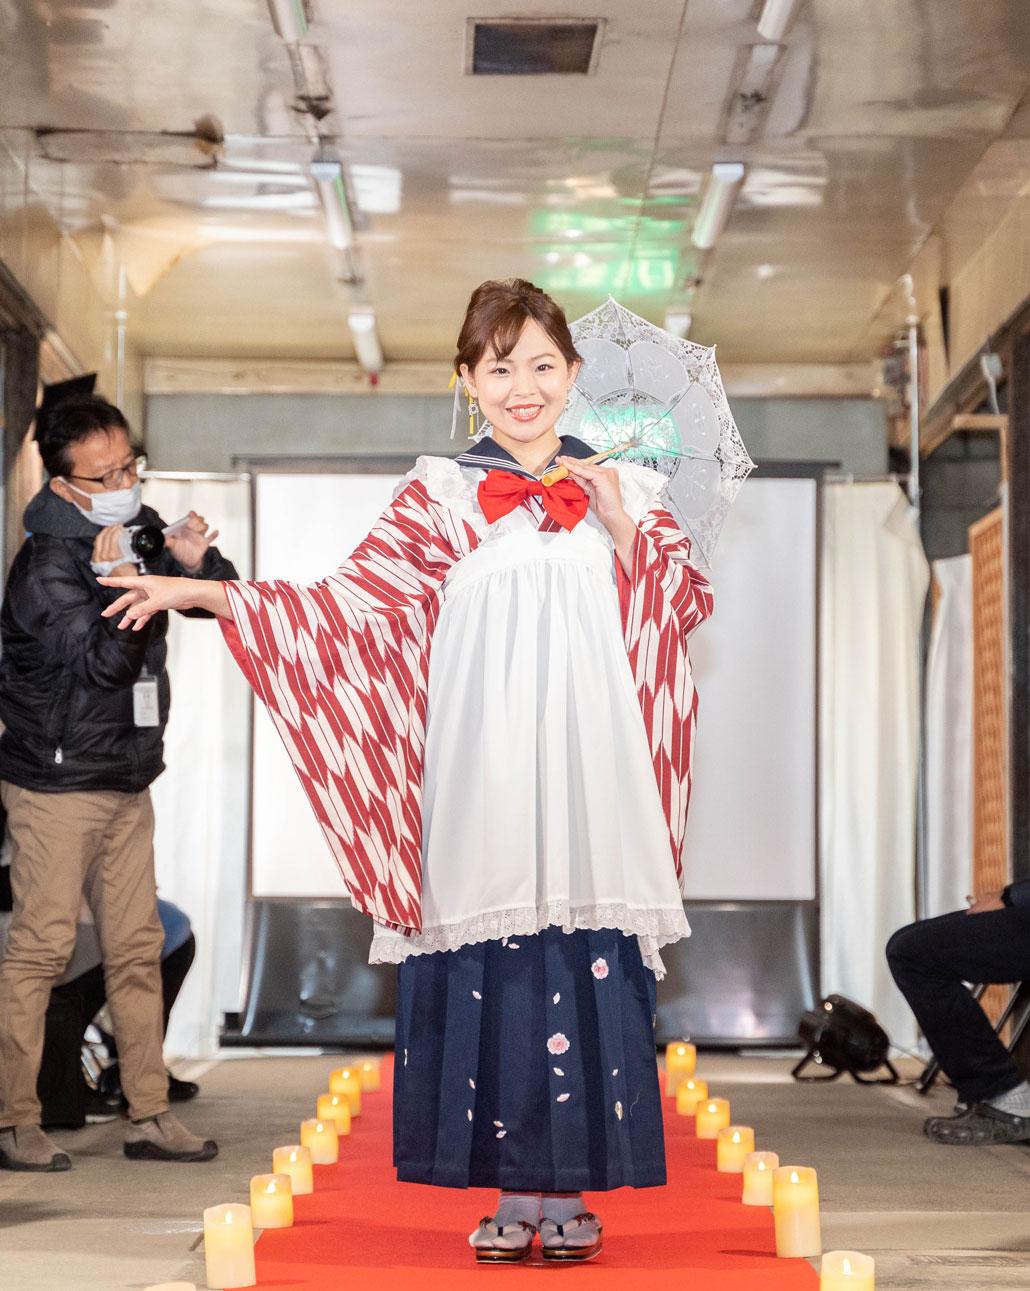 「変化を楽しむキモノショー」袴の変化後の画像